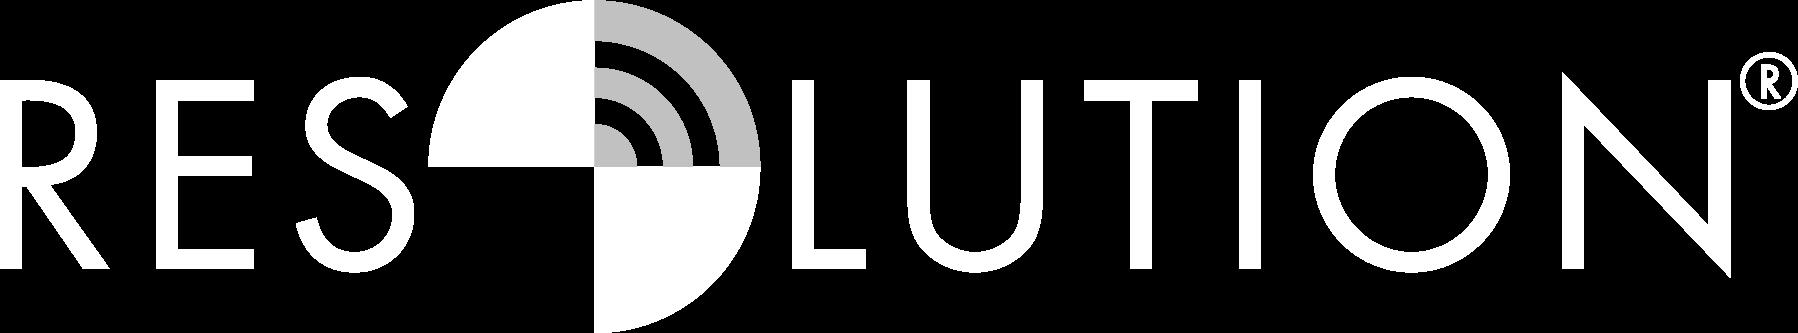 resolution-2021-logo-registered-white